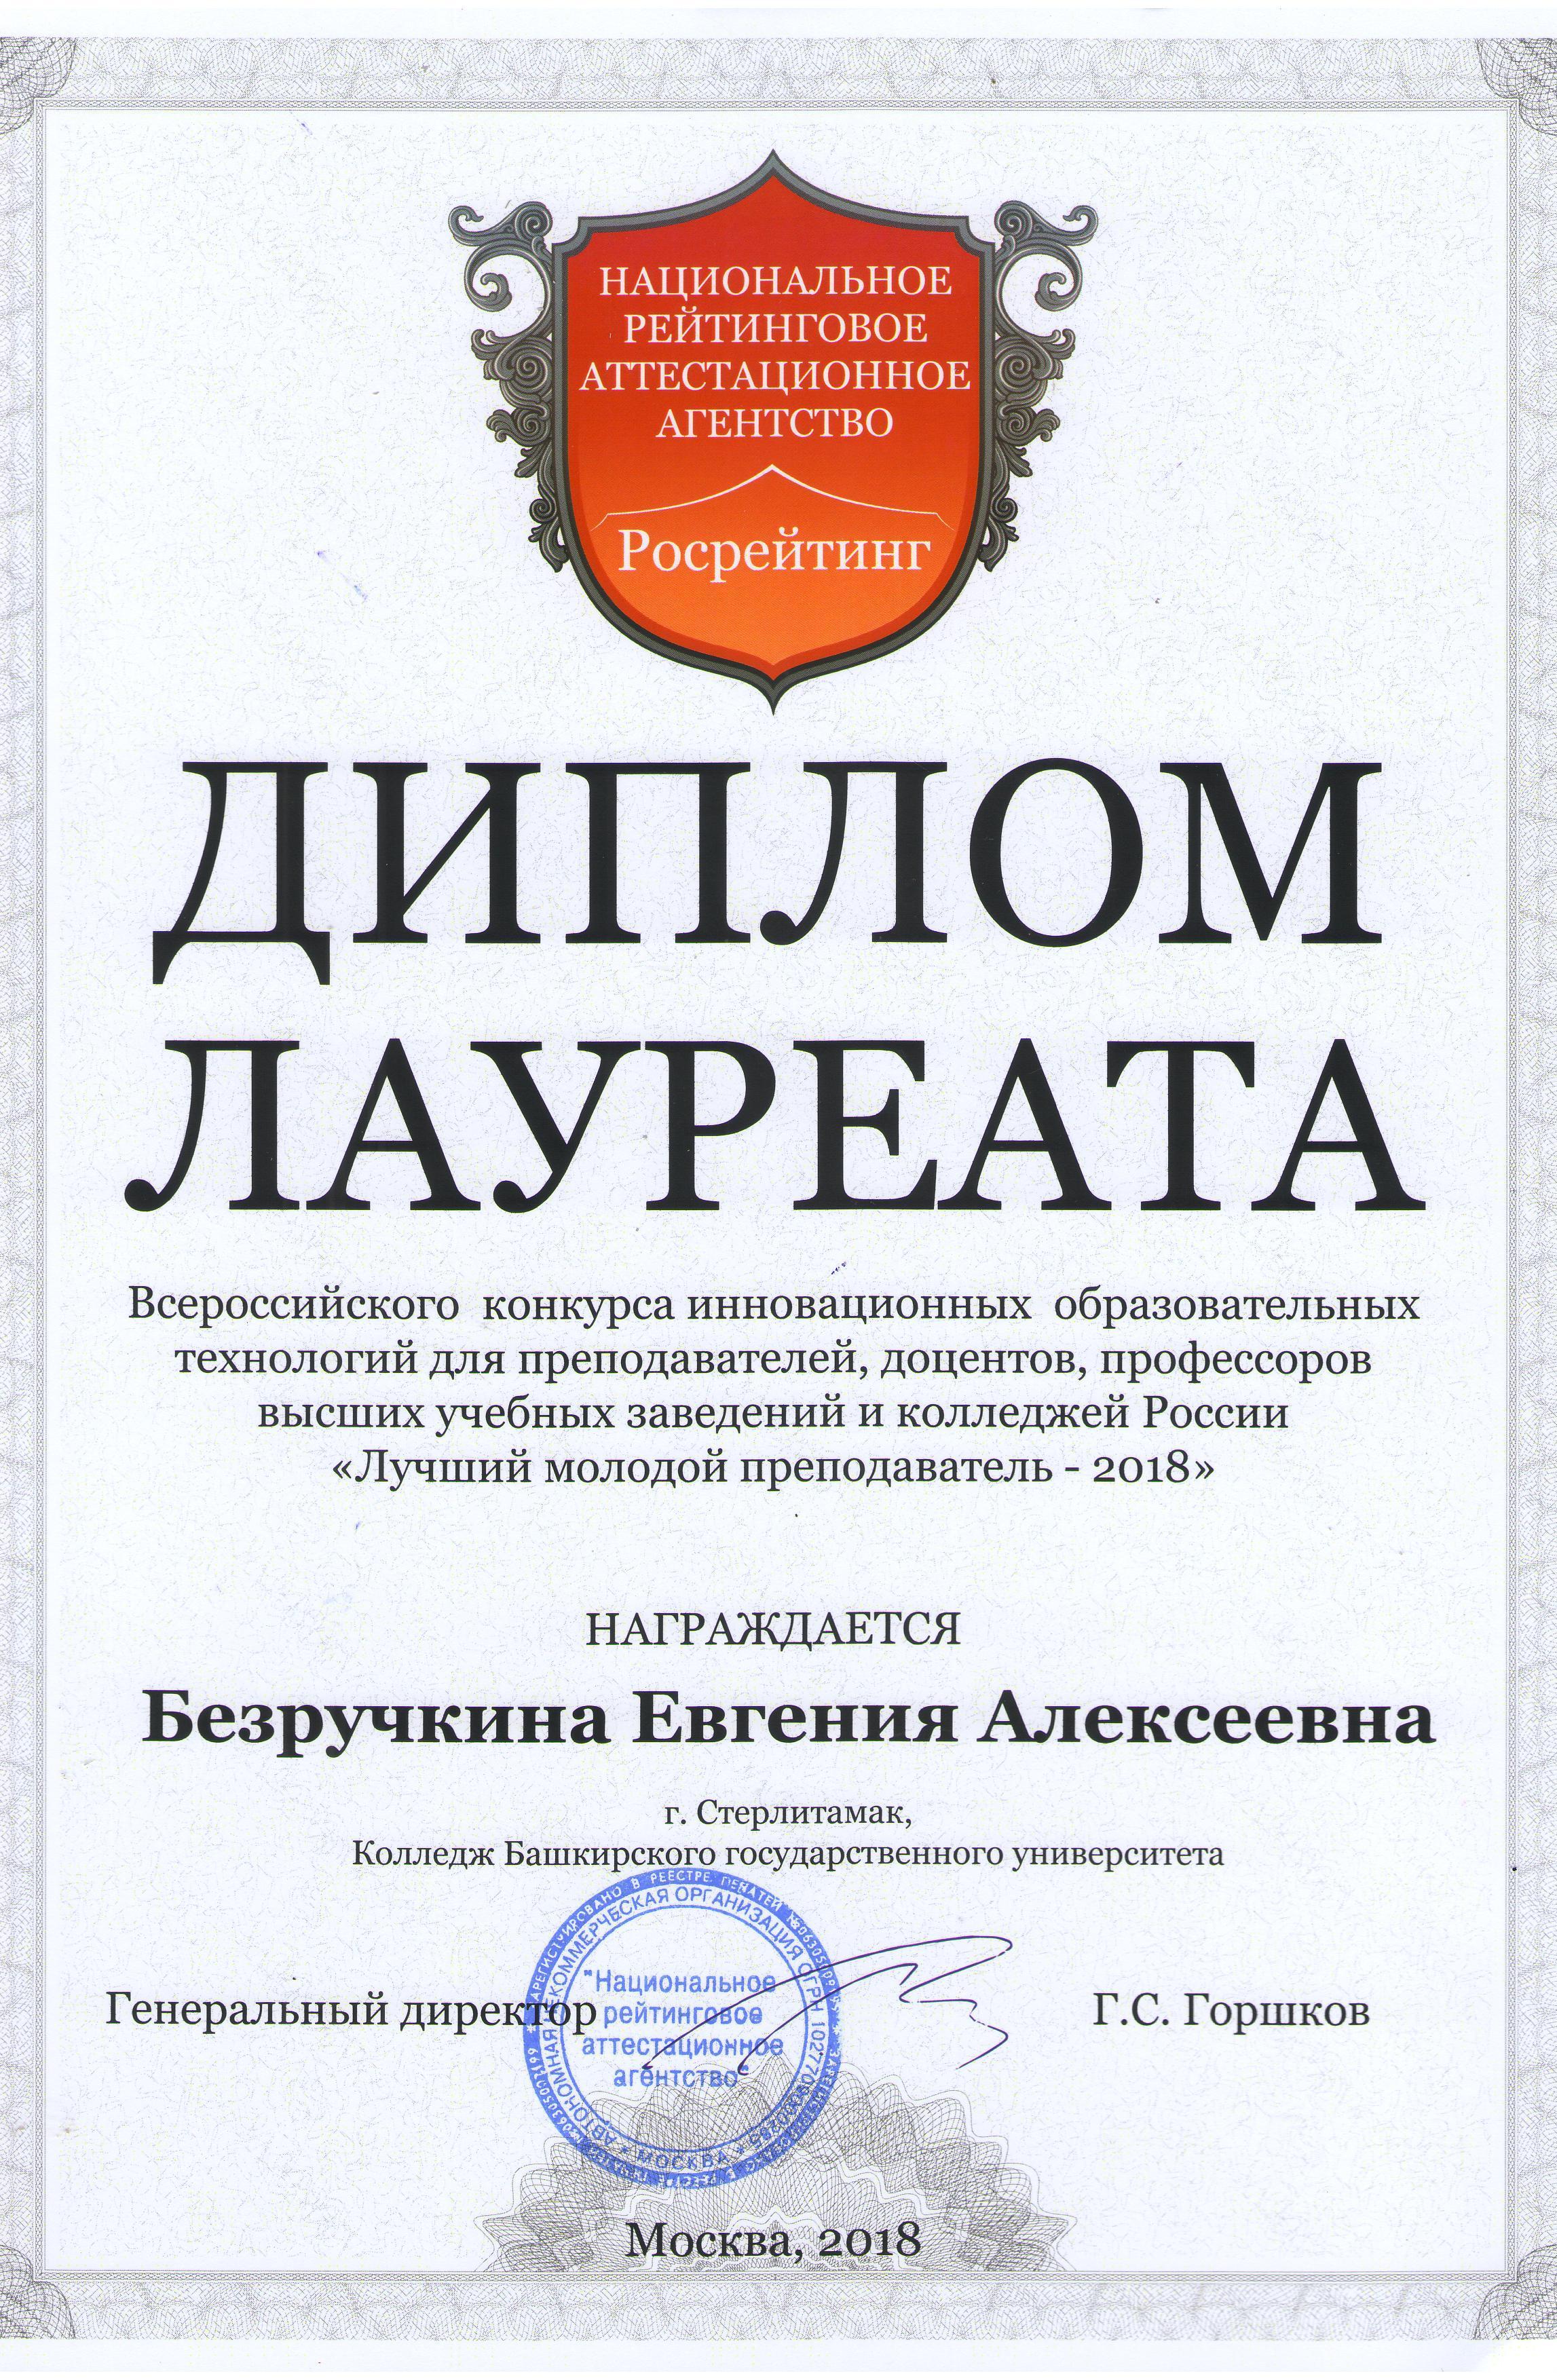 С 22 по 25 мая 2018 г. на базе Московского Финансово-Юридического Университета (МФЮА) прошел II очны